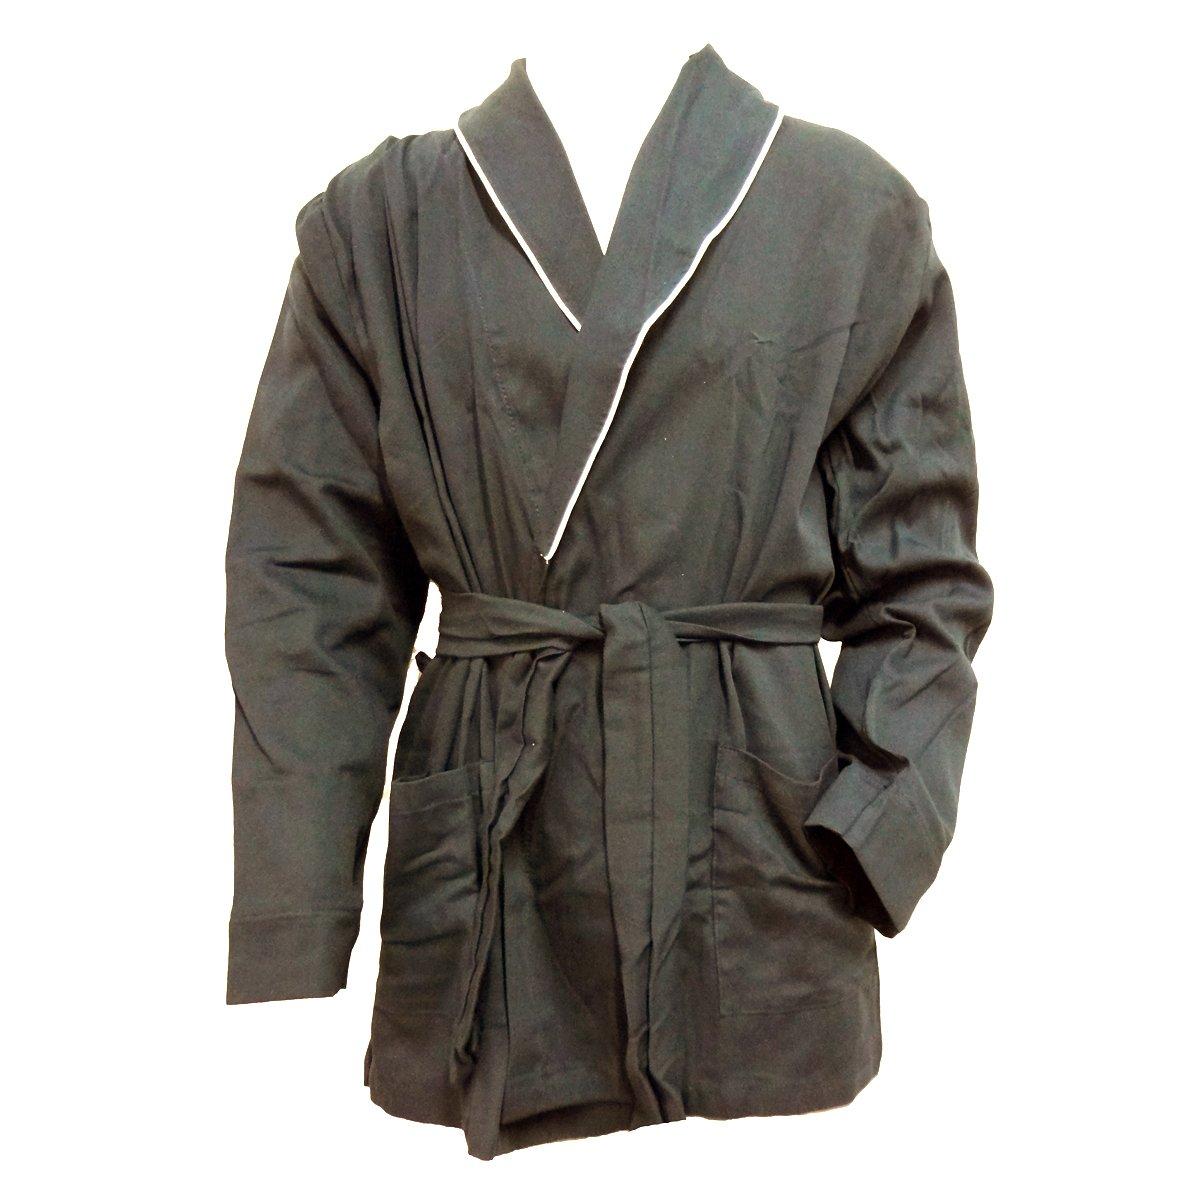 giacca da camera uomo in cotone NAZARENO GABRIELLI art. 033